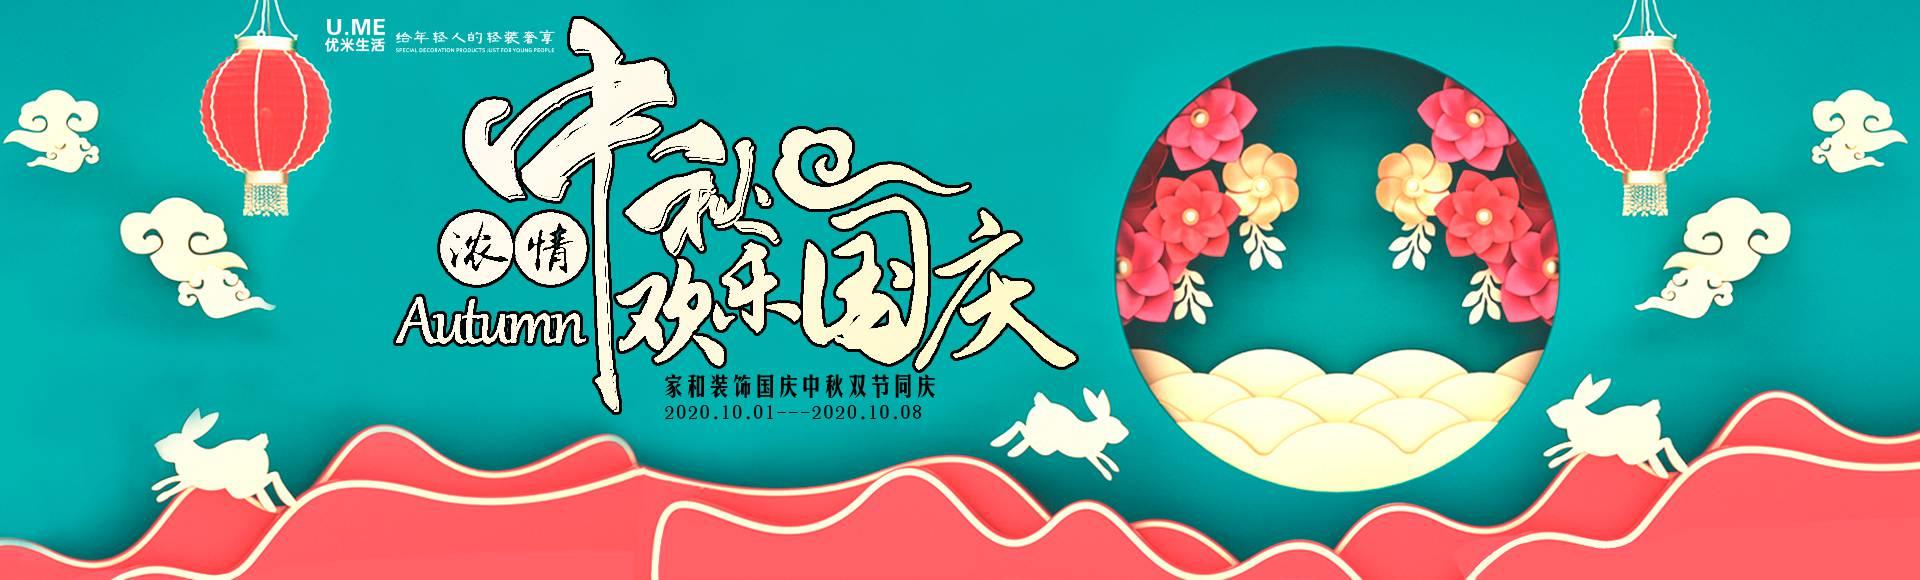 国庆中秋双节